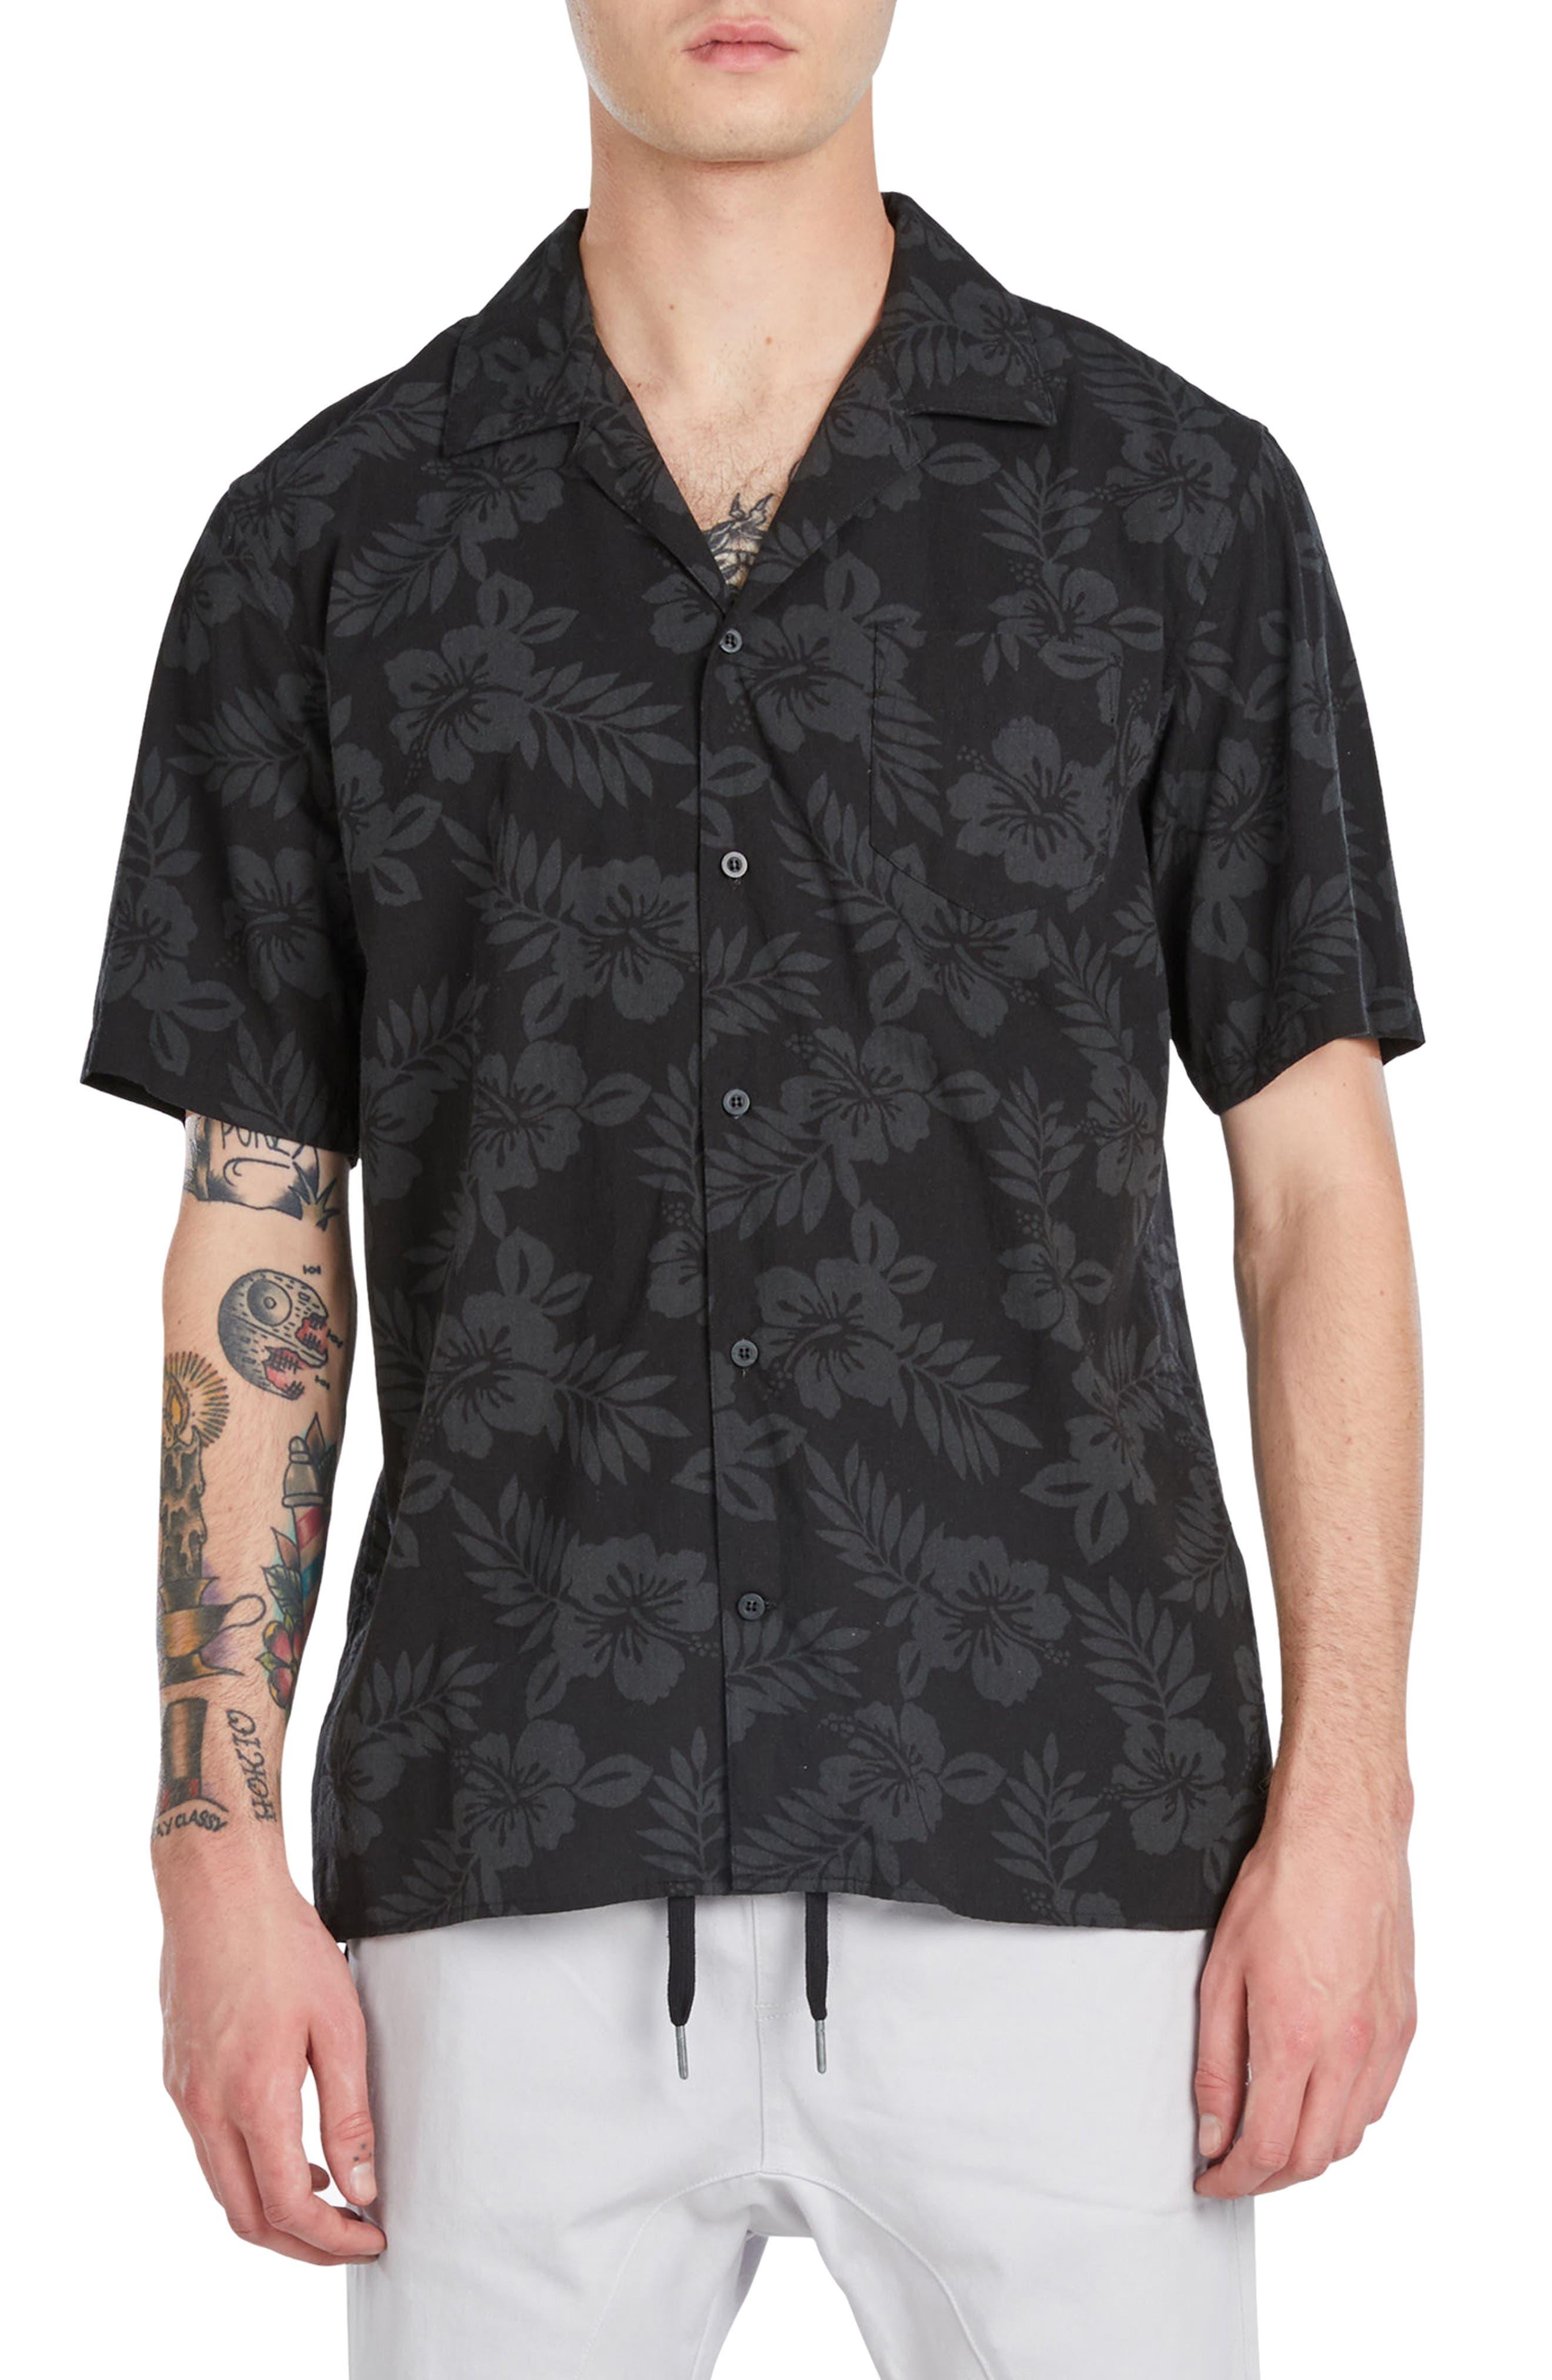 Camper Box Shirt,                             Main thumbnail 1, color,                             001